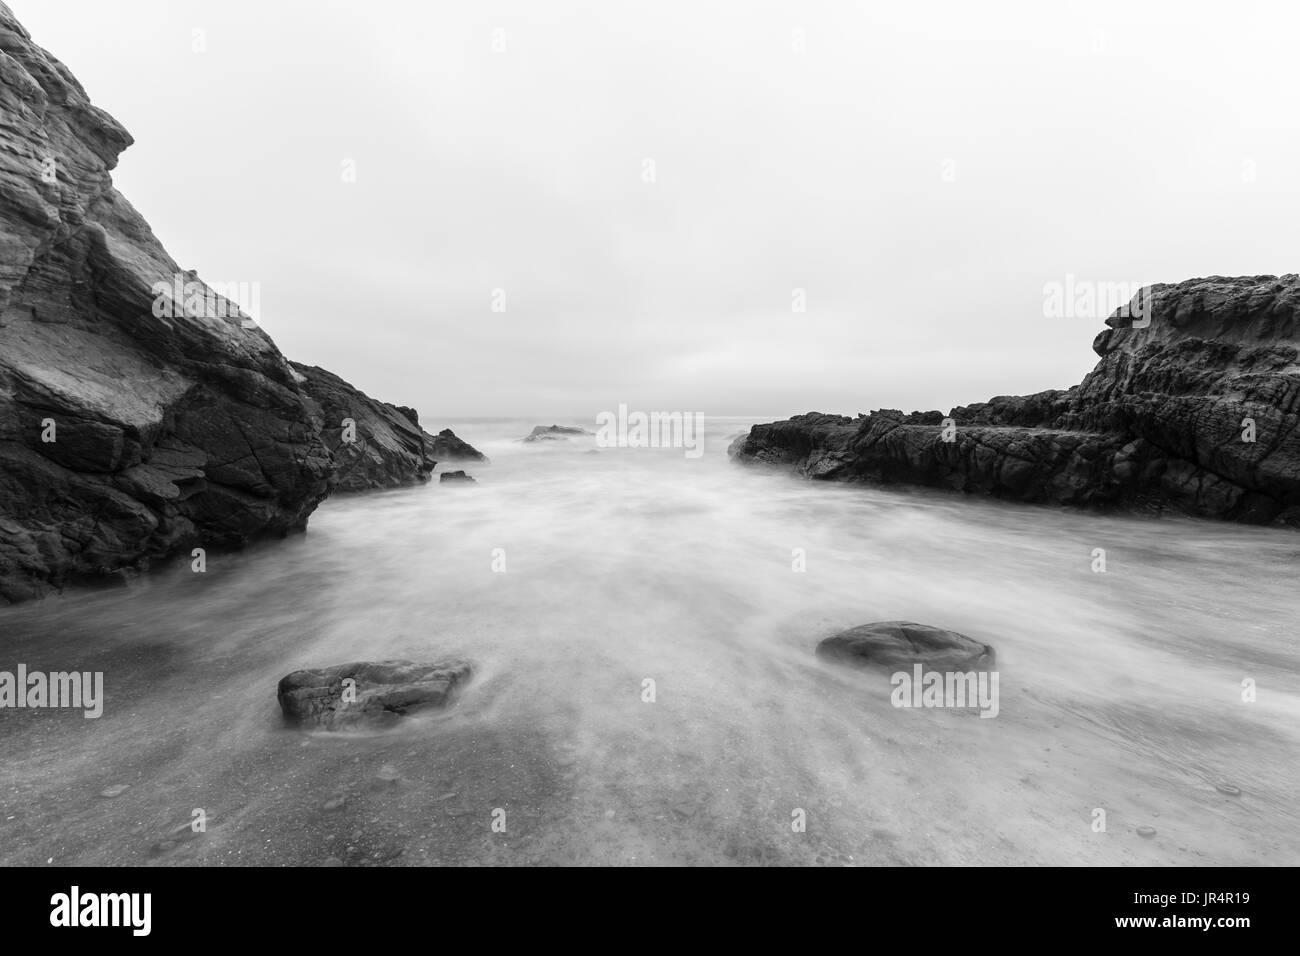 Malibu-Felsstrand mit Motion blur Wasser in schwarz und weiß. Stockbild